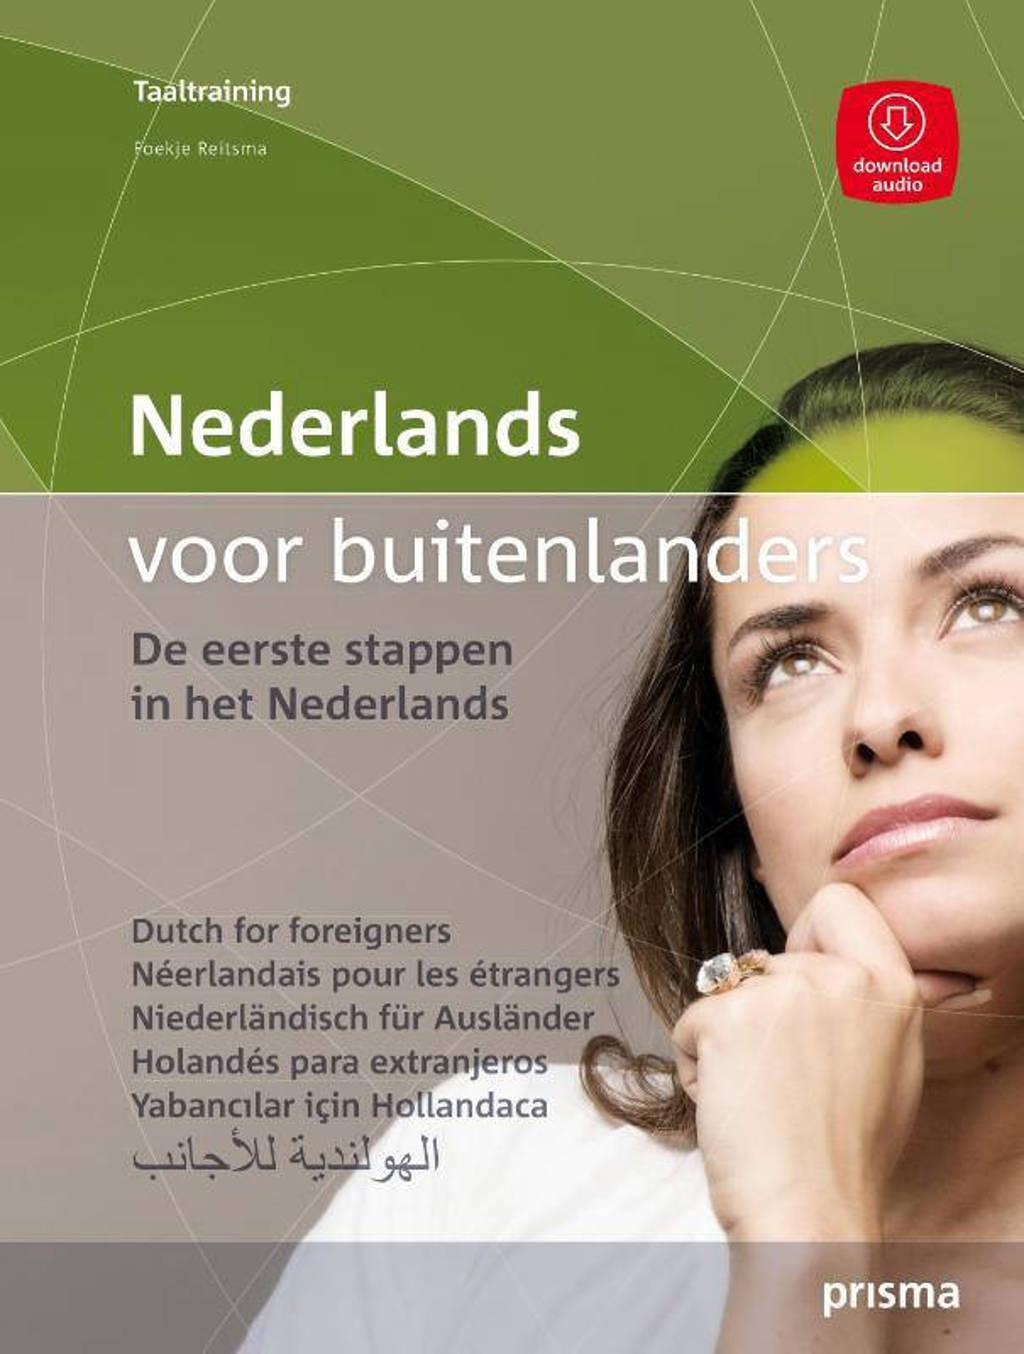 Prisma Taaltraining: Nederlands voor buitenlanders - Foekje Reitsma